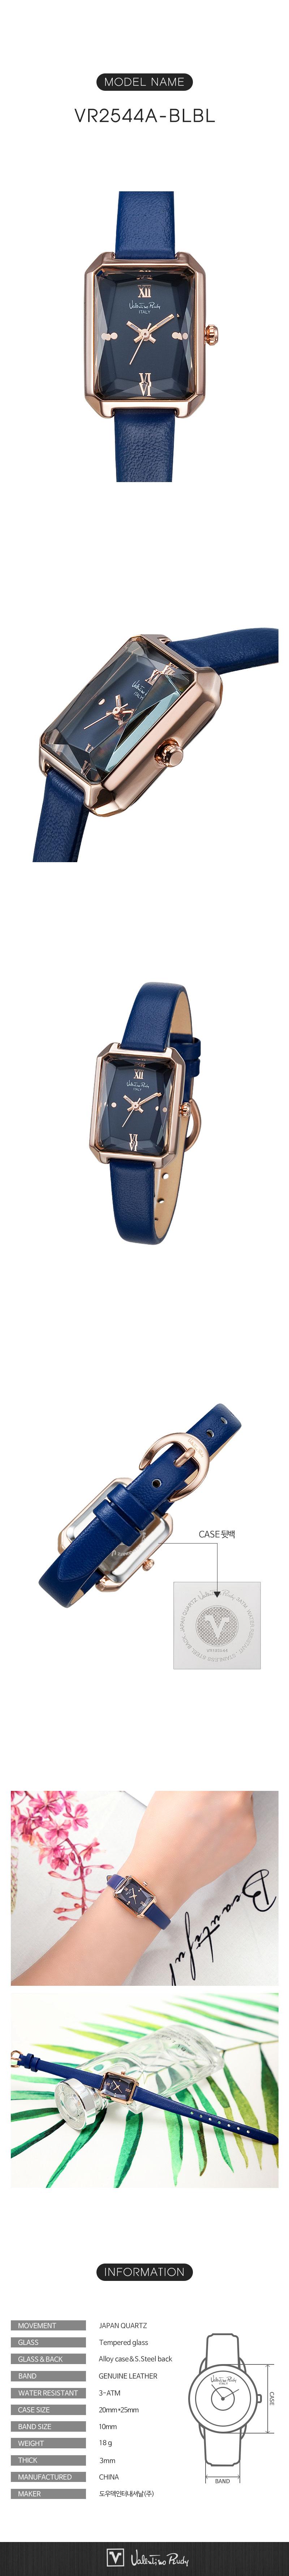 발렌티노 루디(VALENTINO RUDY) 발렌티노루디 VR2544A-BLBL 여자시계 가죽시계